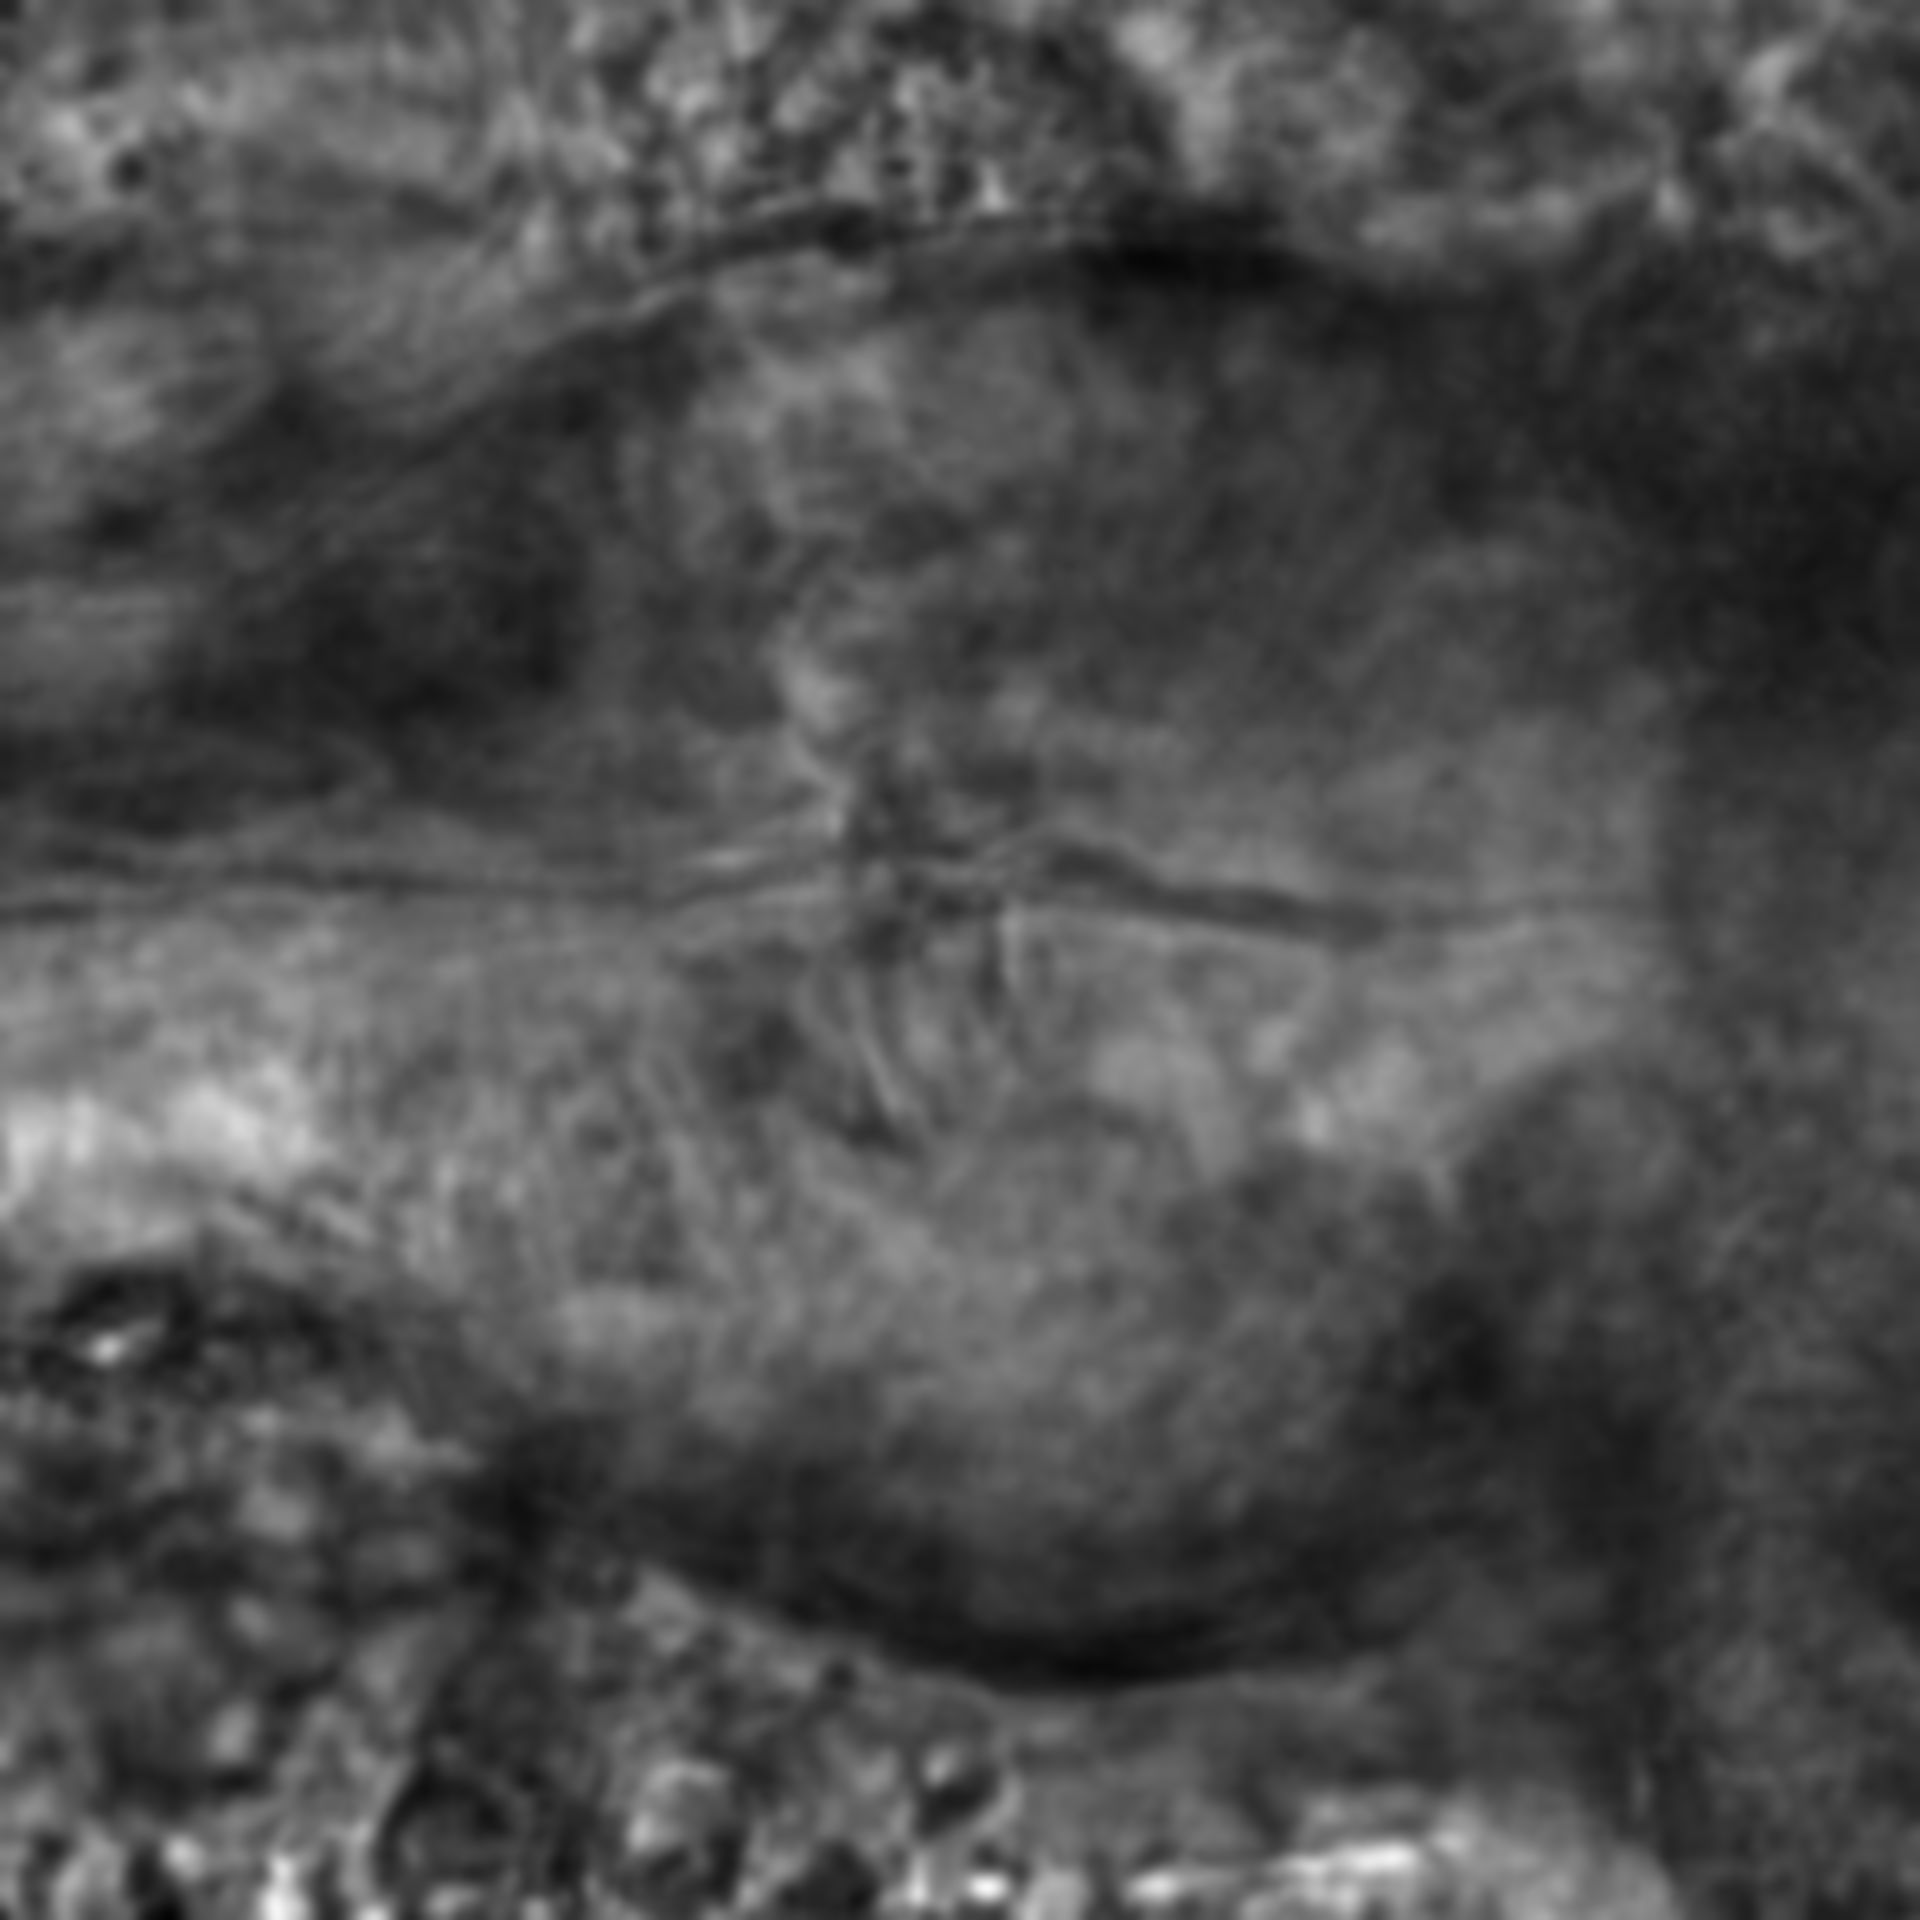 Caenorhabditis elegans - CIL:2131